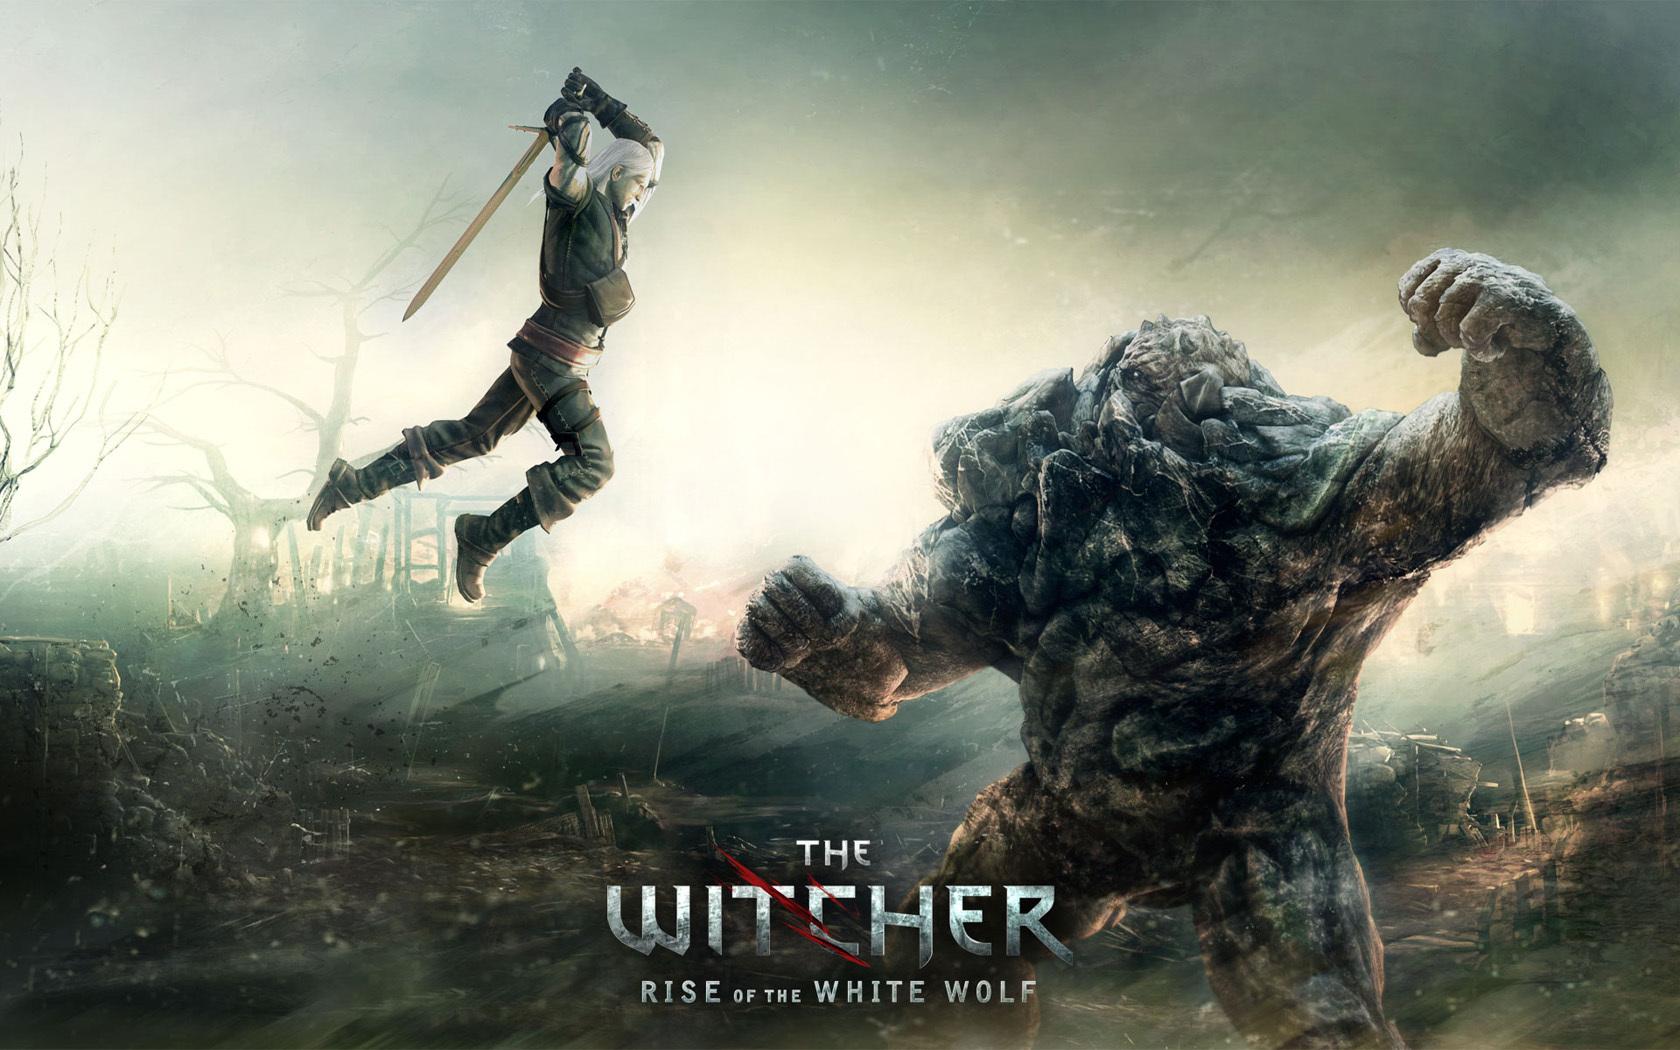 21266 Hintergrundbild herunterladen Spiele, Witcher - Bildschirmschoner und Bilder kostenlos